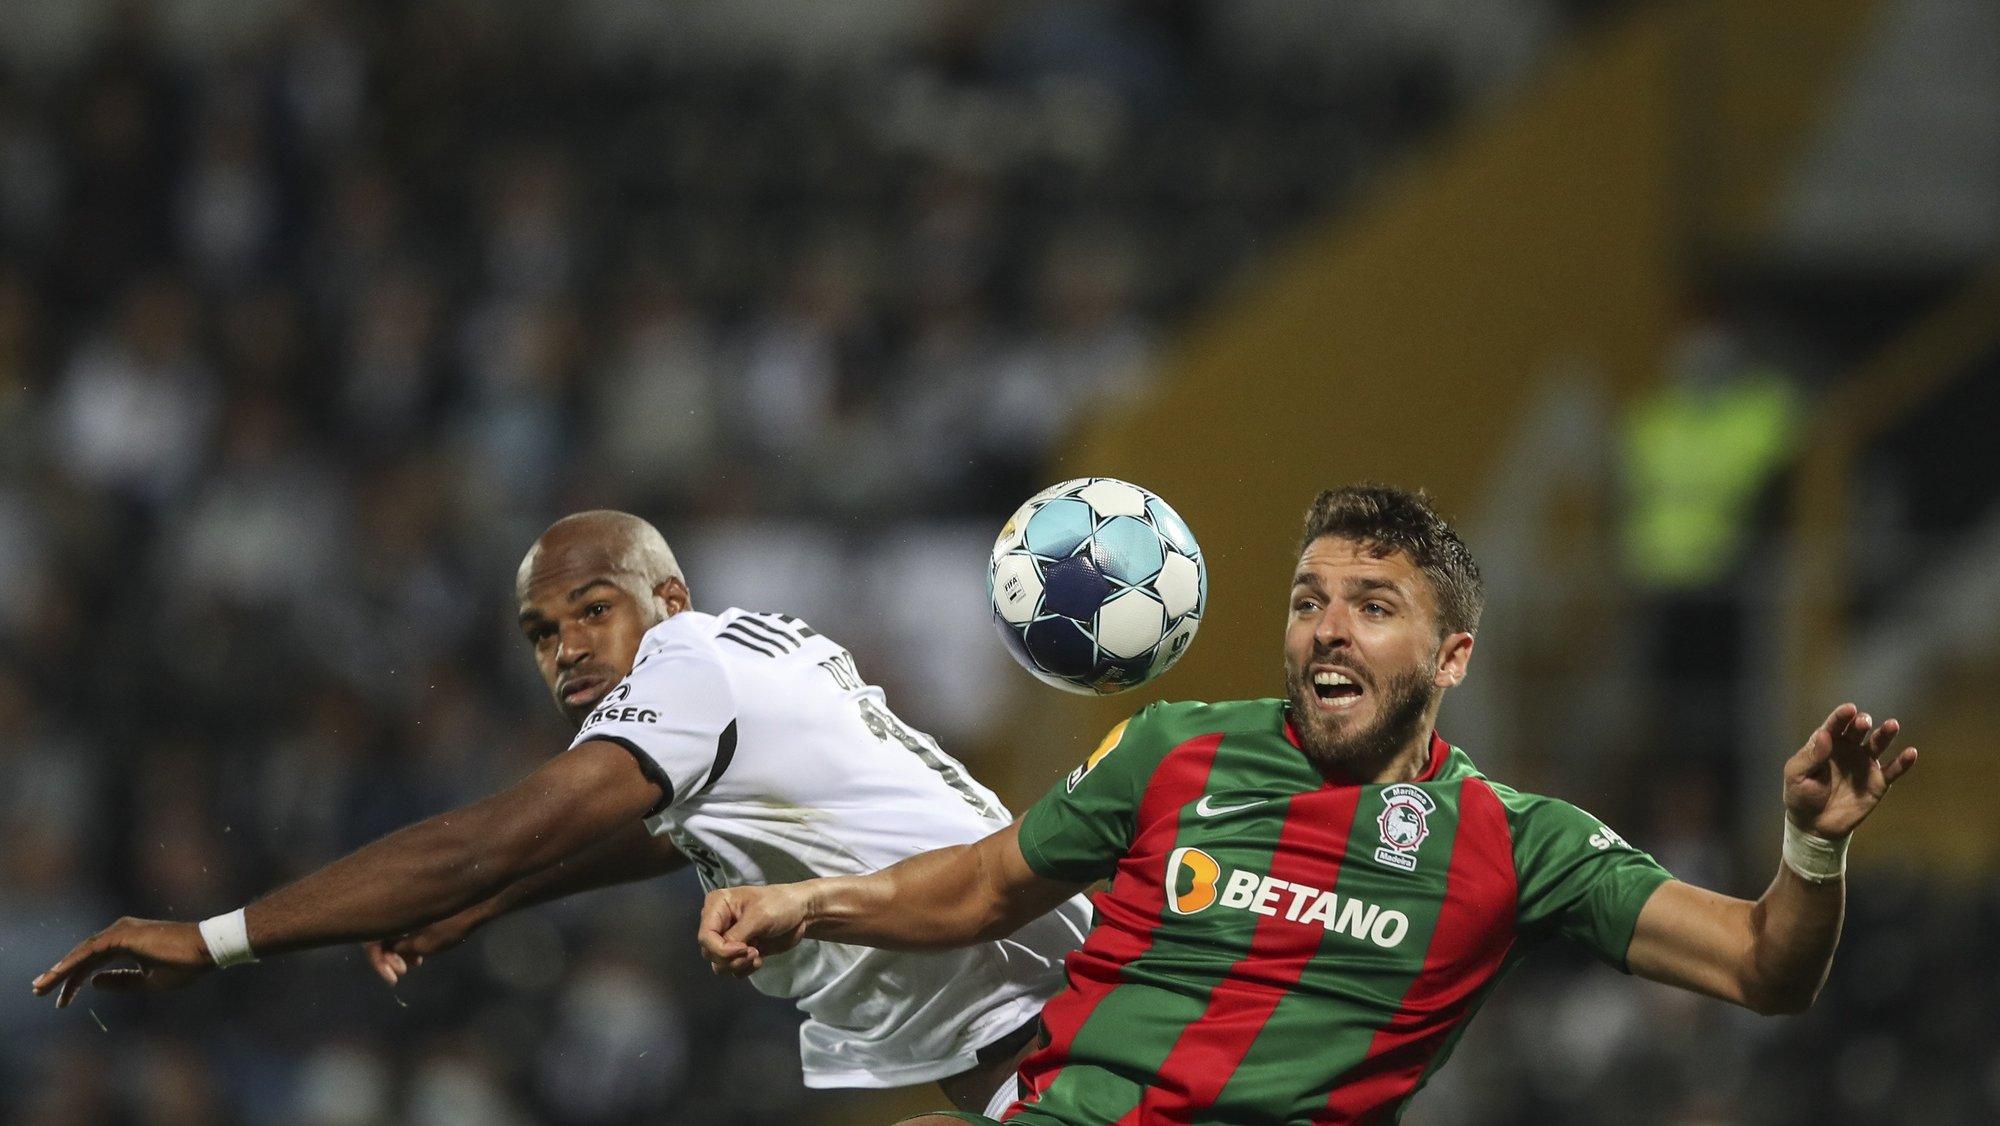 Futebol: Vitória de Guimarães vs Marítimo